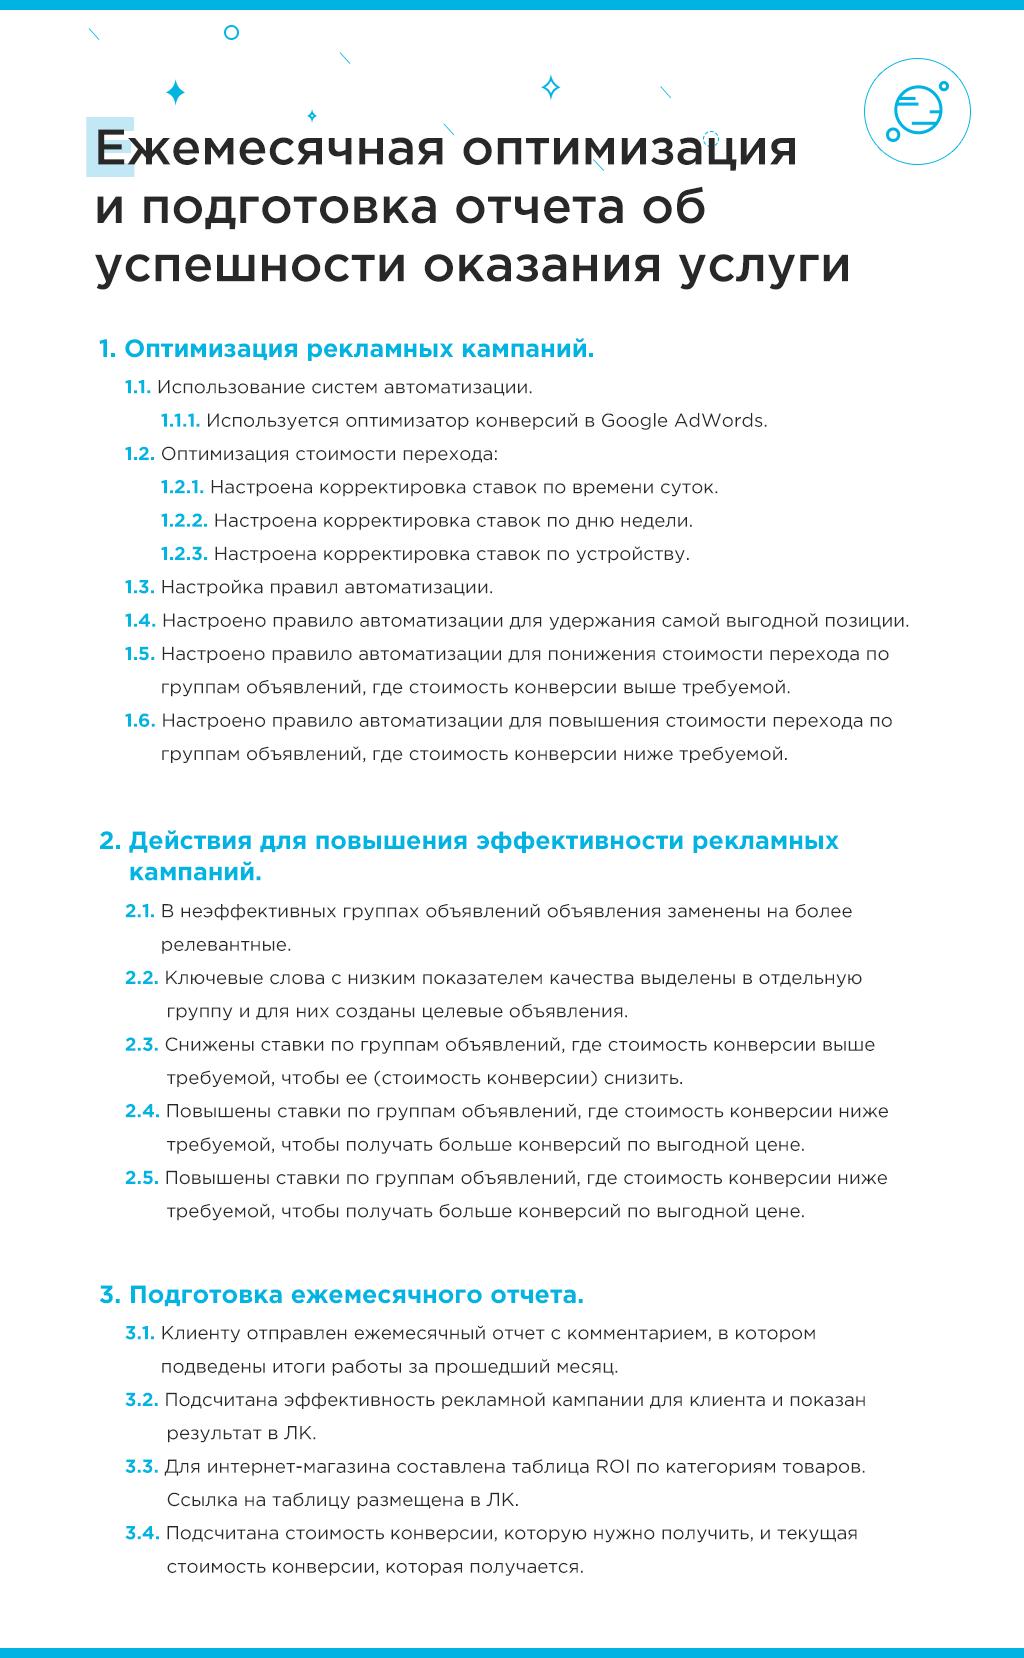 Ежемесячный отчет по контекстной рекламе в Netpeak